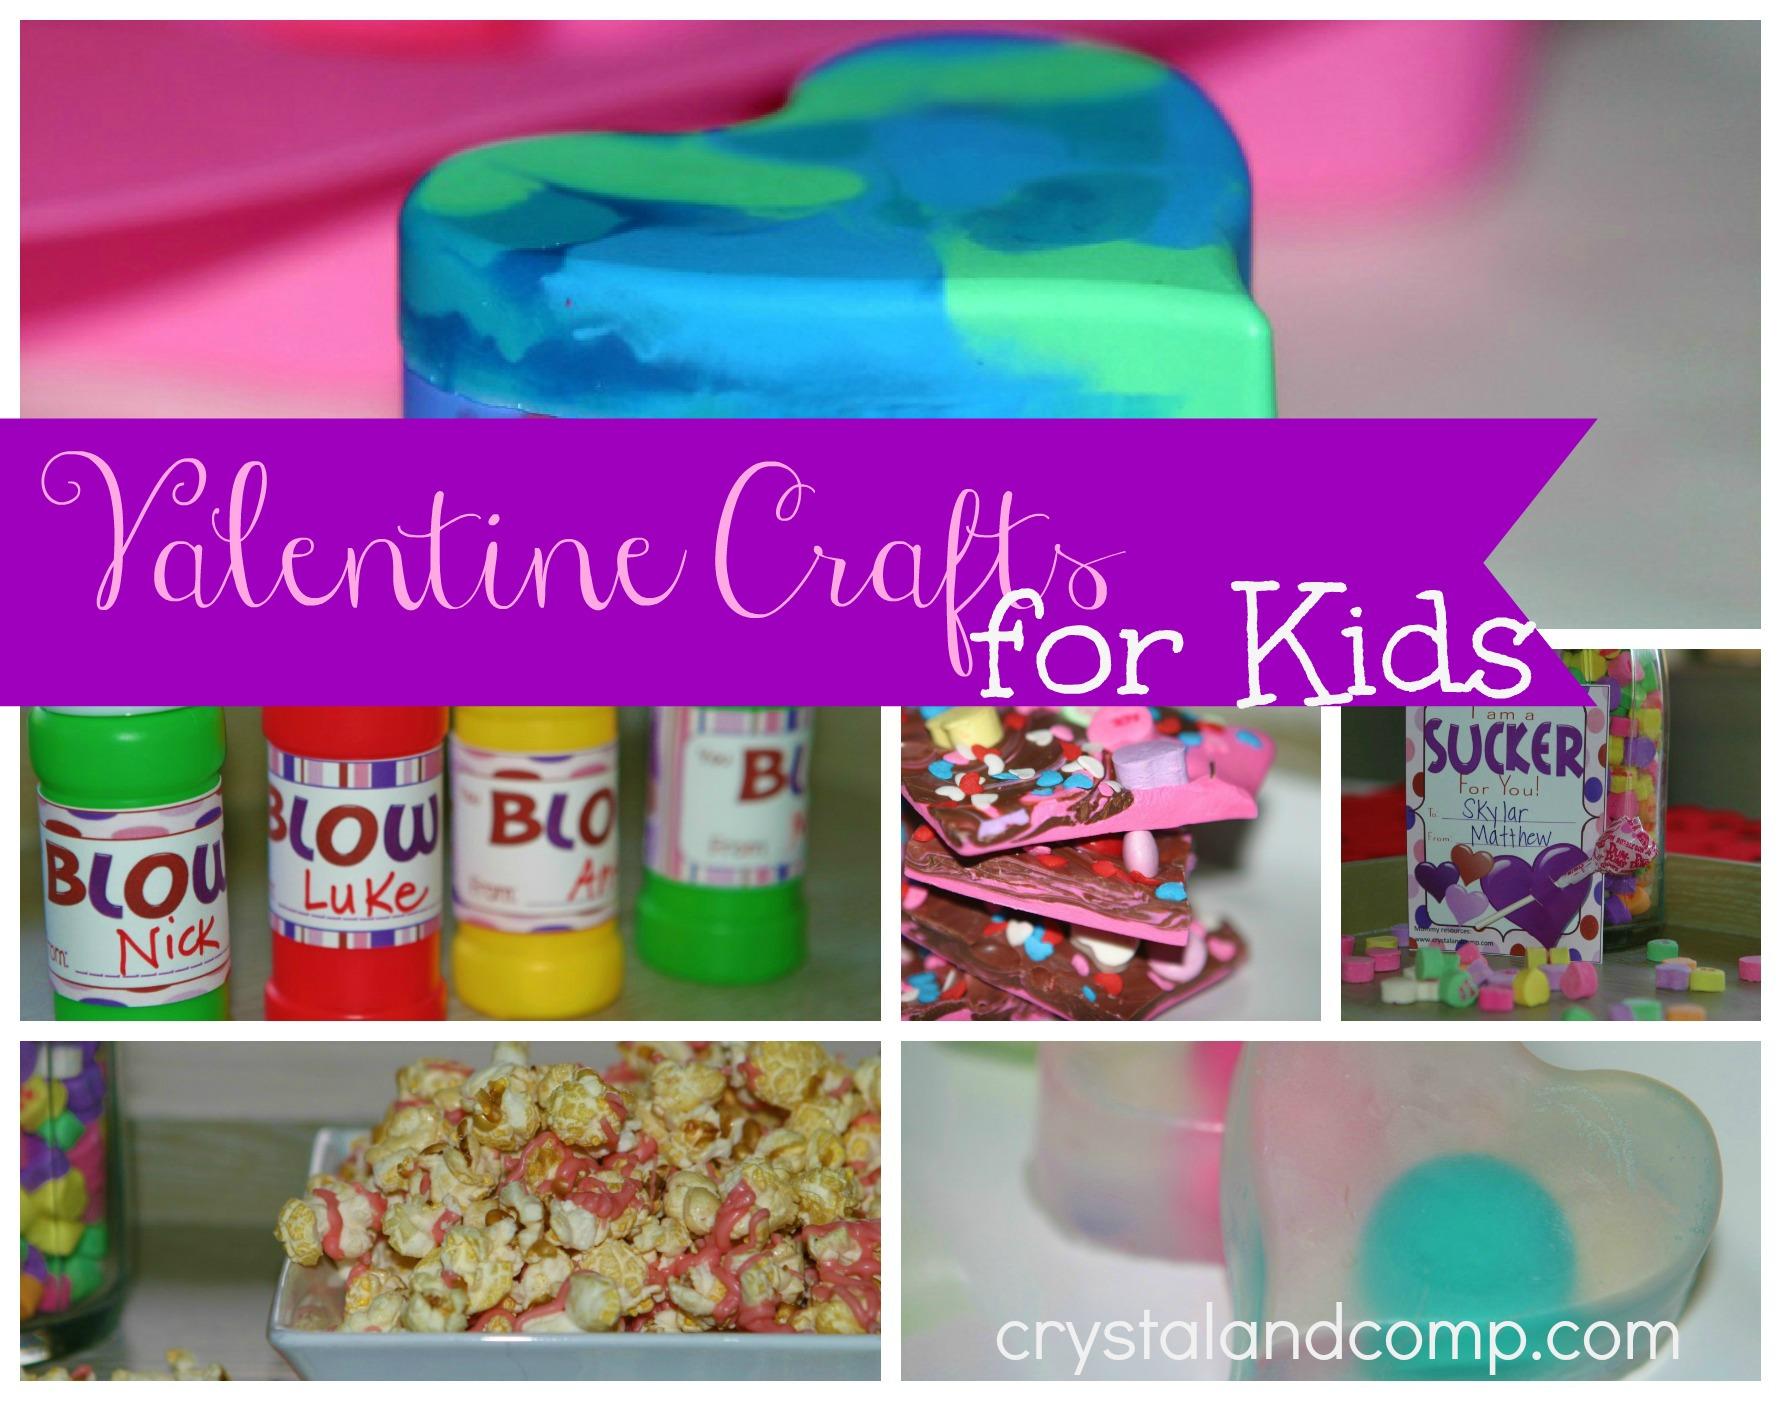 Valentine Crafts for Kids @DinkerGiggles @CrystalandComp #homeschool #crafts